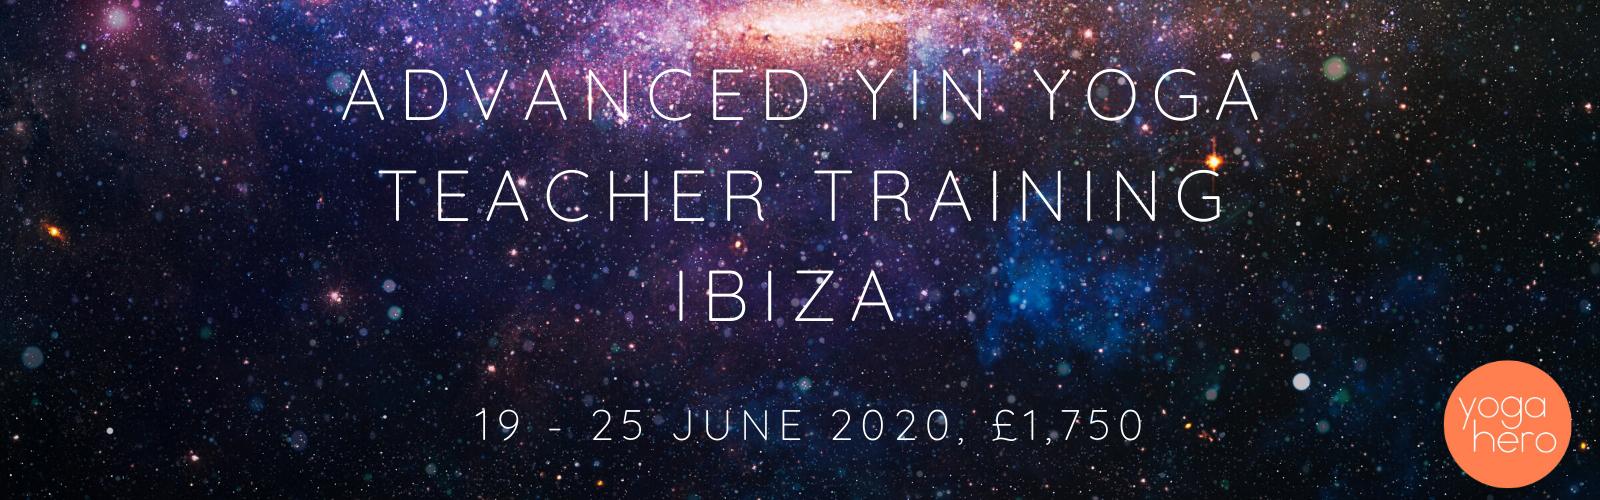 Advanced Yin Yoga Teacher Training, Ibiza